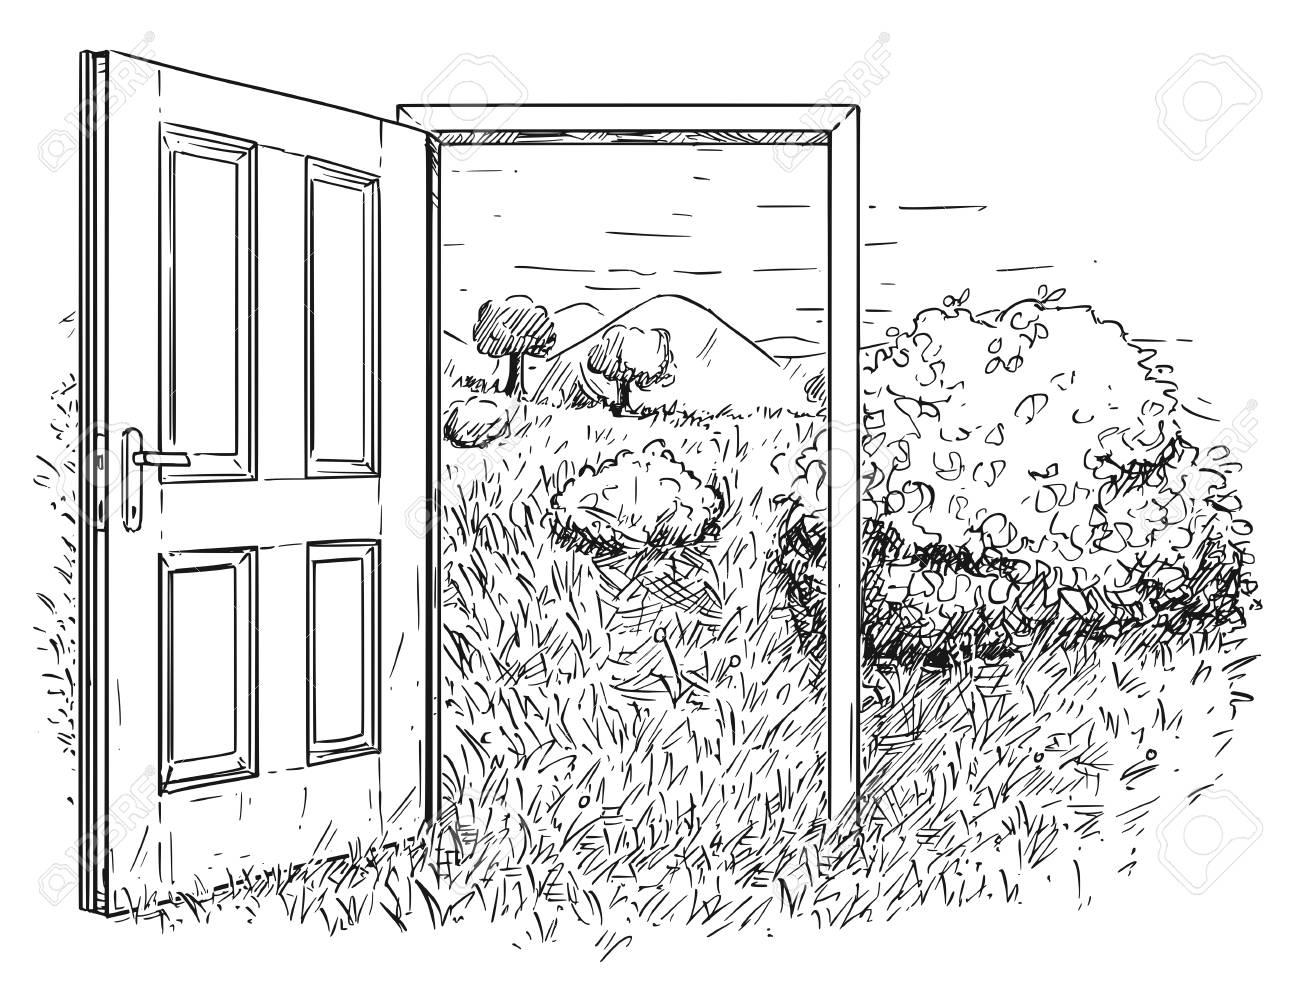 open door drawing sketchbook vector artistic pen and ink drawing illustration of open door in beautiful nature landscape with grass trees mountains sky artistic pen and ink drawing illustration of open door